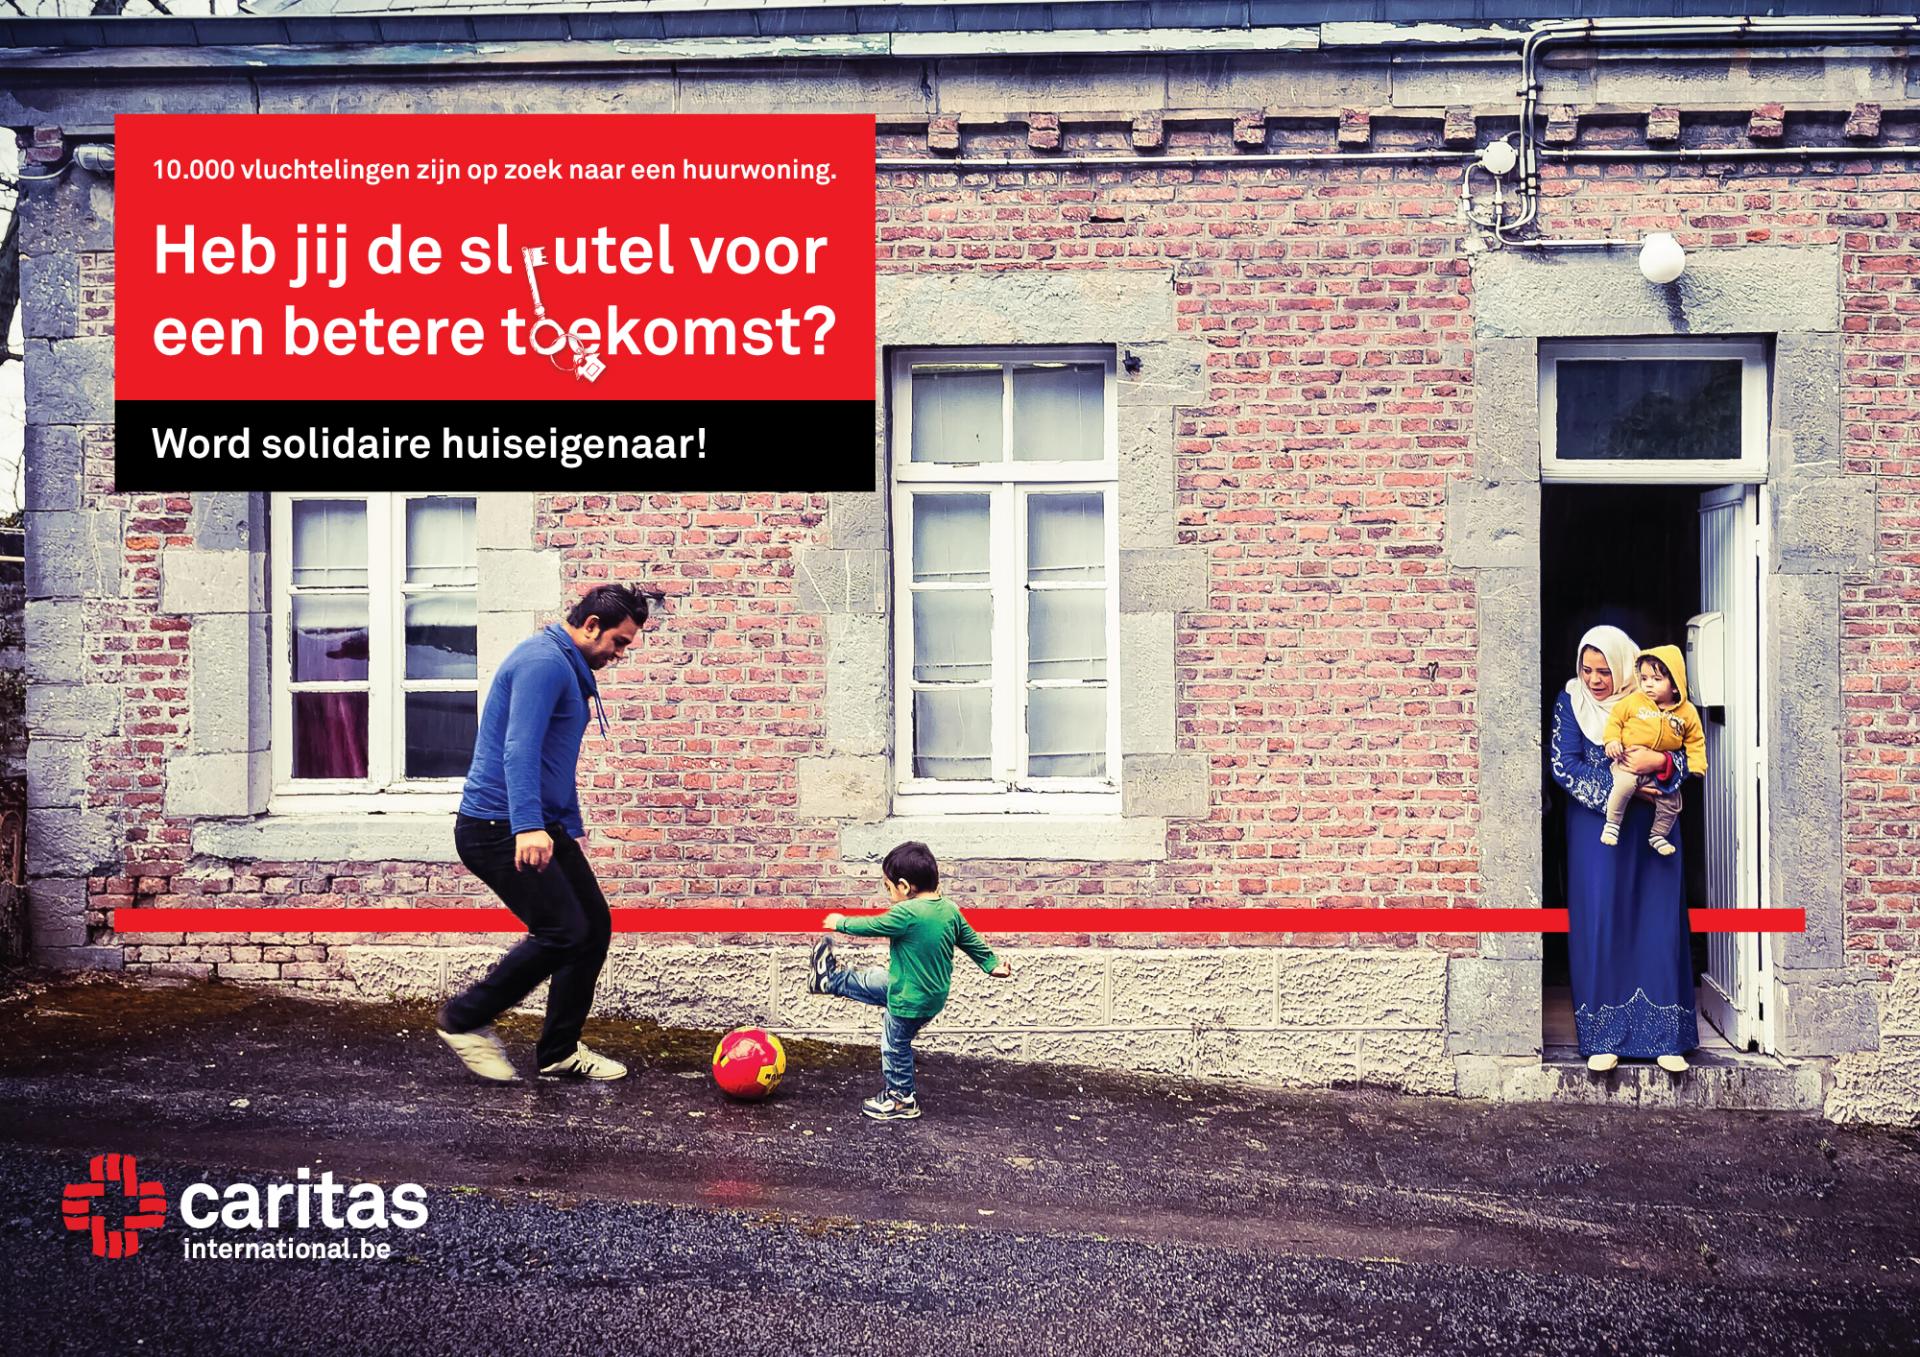 Caritas International België 10.000 vluchtelingen zoeken een huurwoning